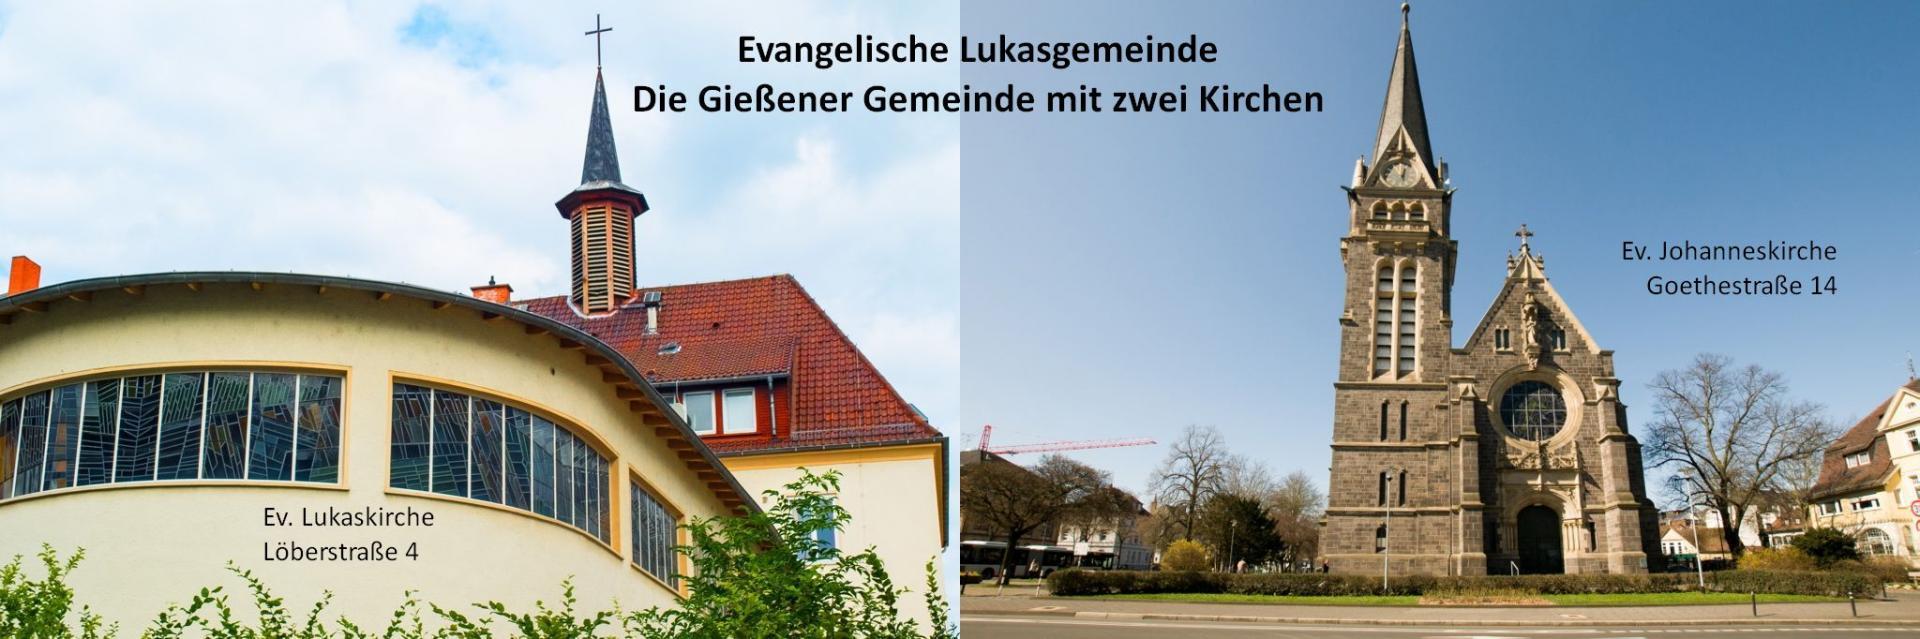 Bild der Meldung: Ihr Engagement für die Evangelische Lukasgemeinde